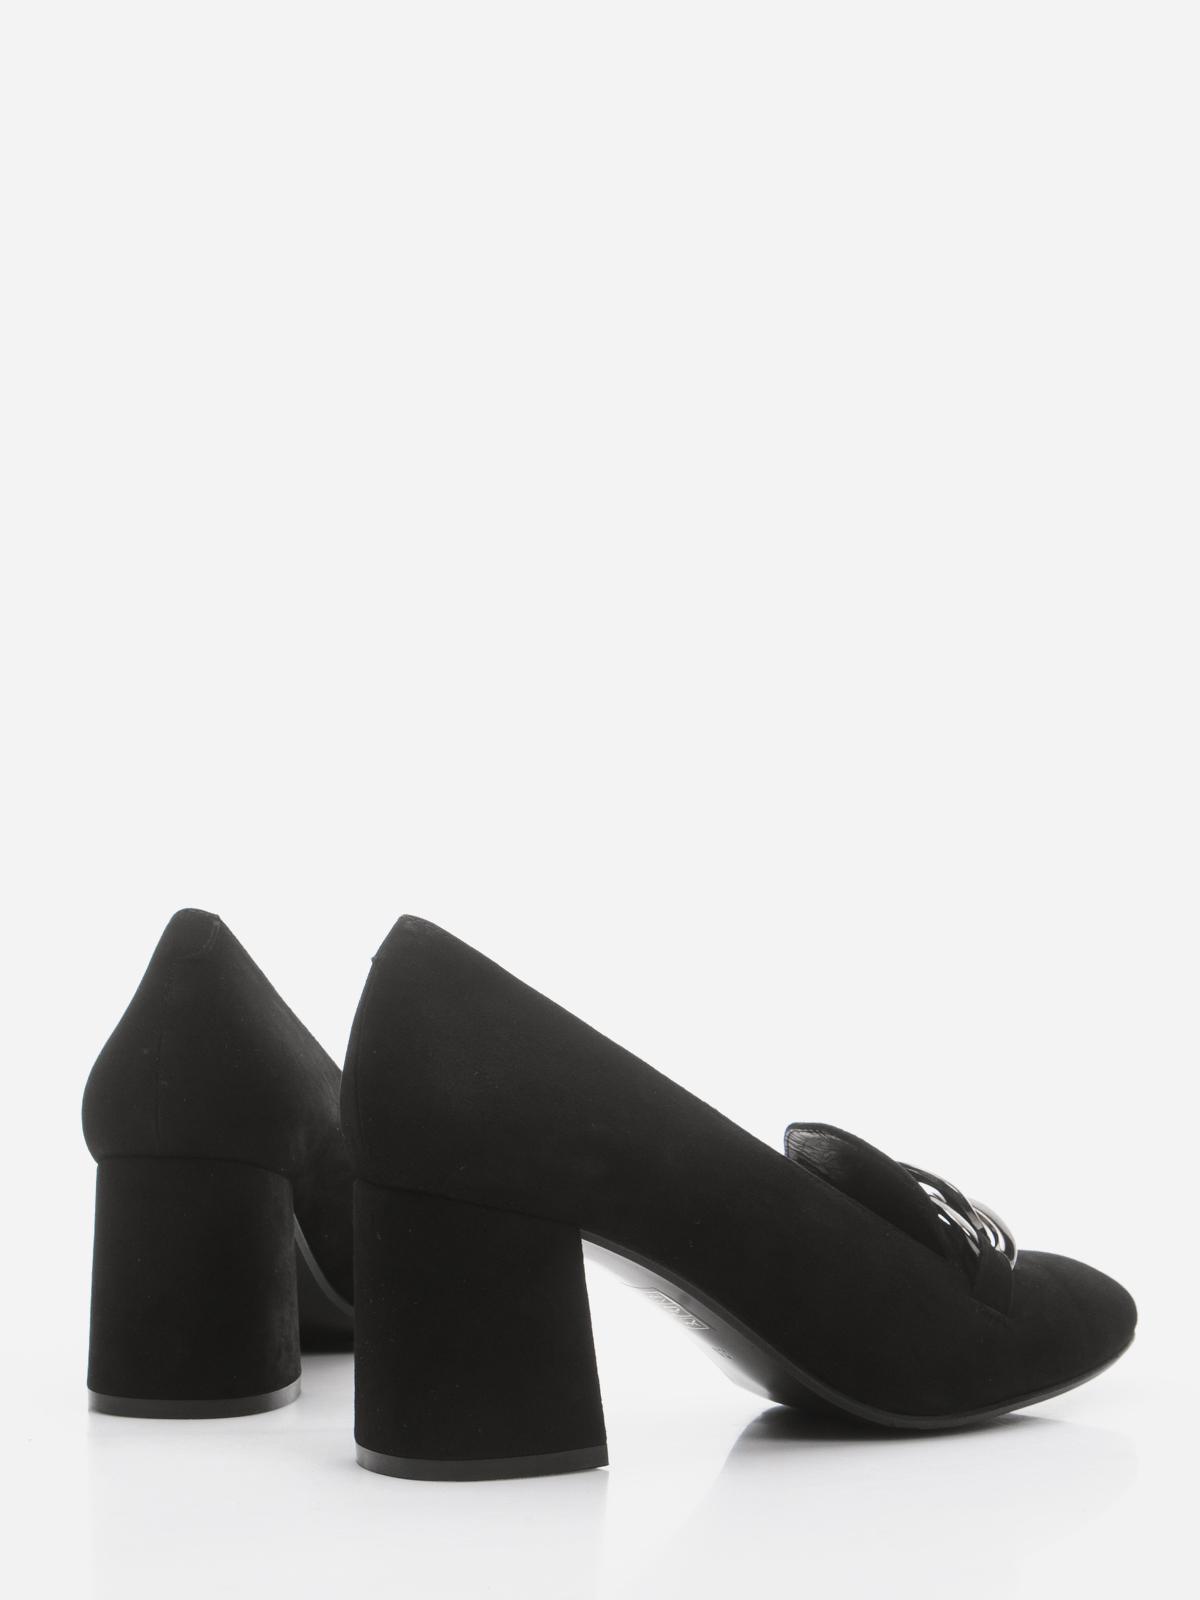 4a0e76187dc Naiste kõrgekontsalised jalatsid billi bi   Newmood